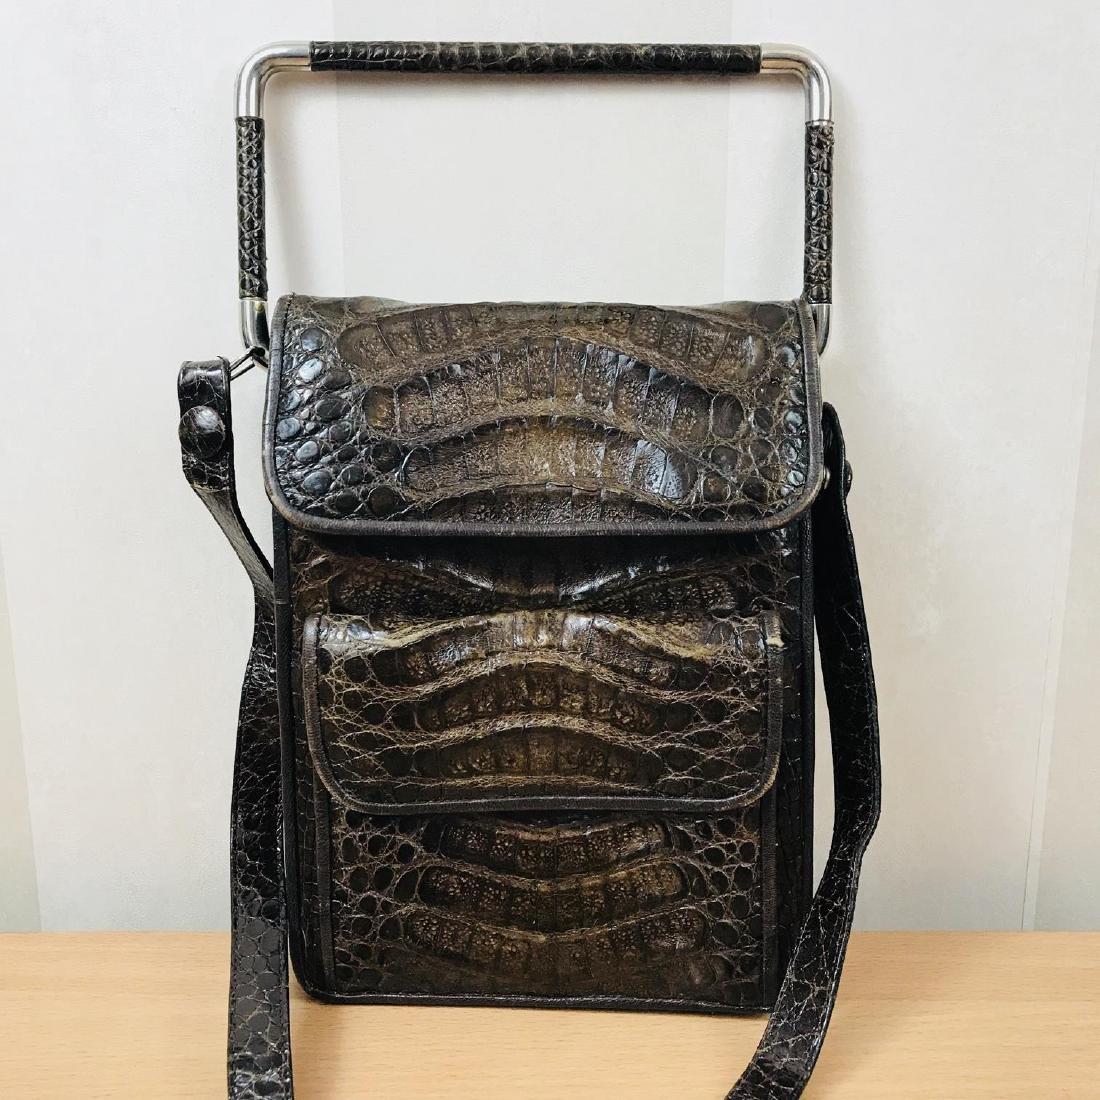 Vintage Brown Crocodile Leather Shoulder Bag / Handbag